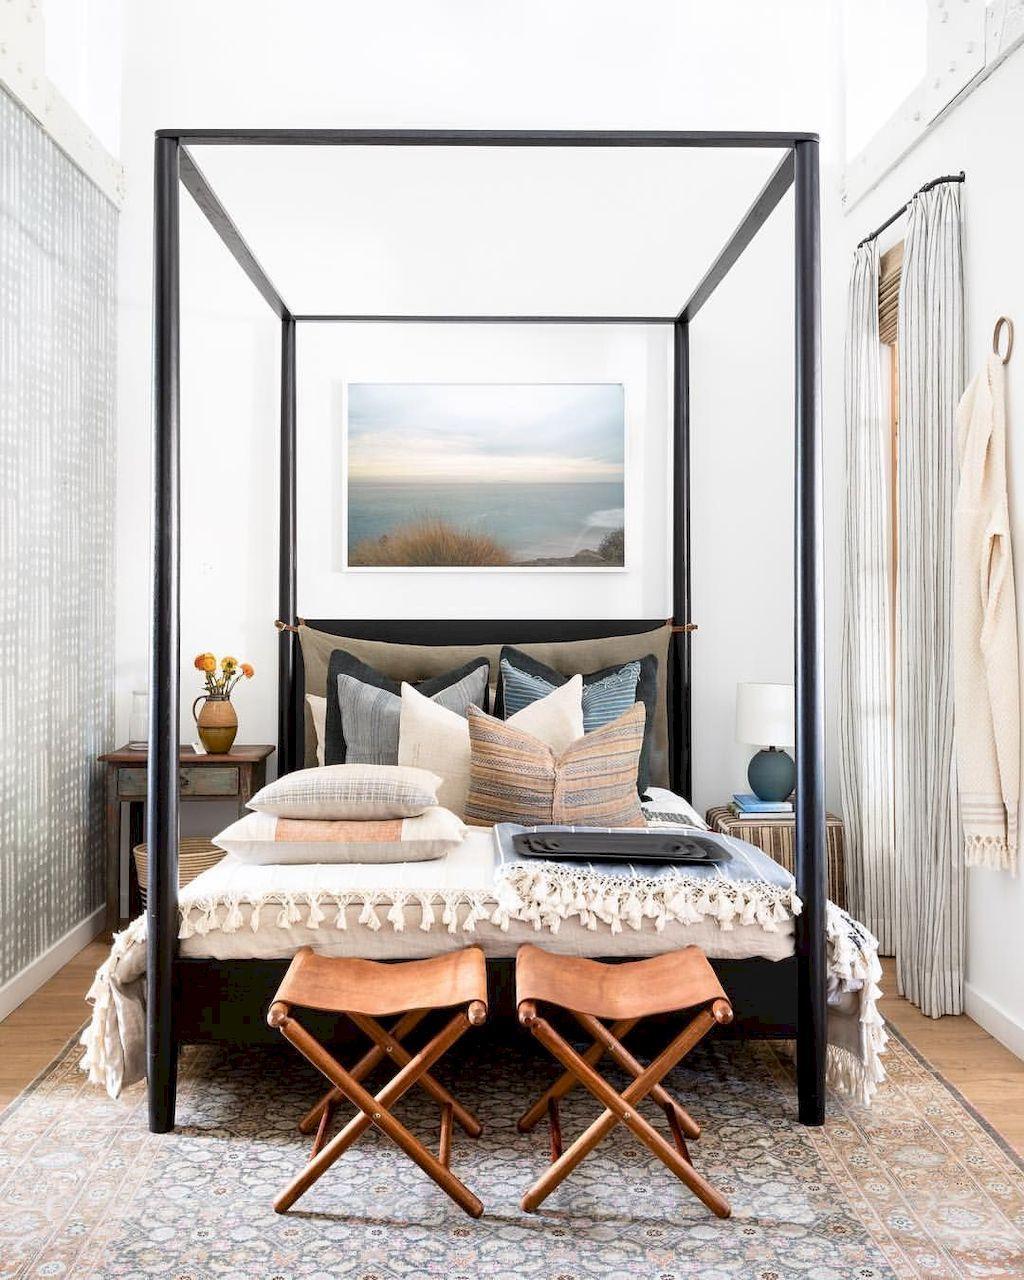 12 Qm Zimmer Einrichten Tipps Wie Ihnen Das Im Schlafzimmer Am